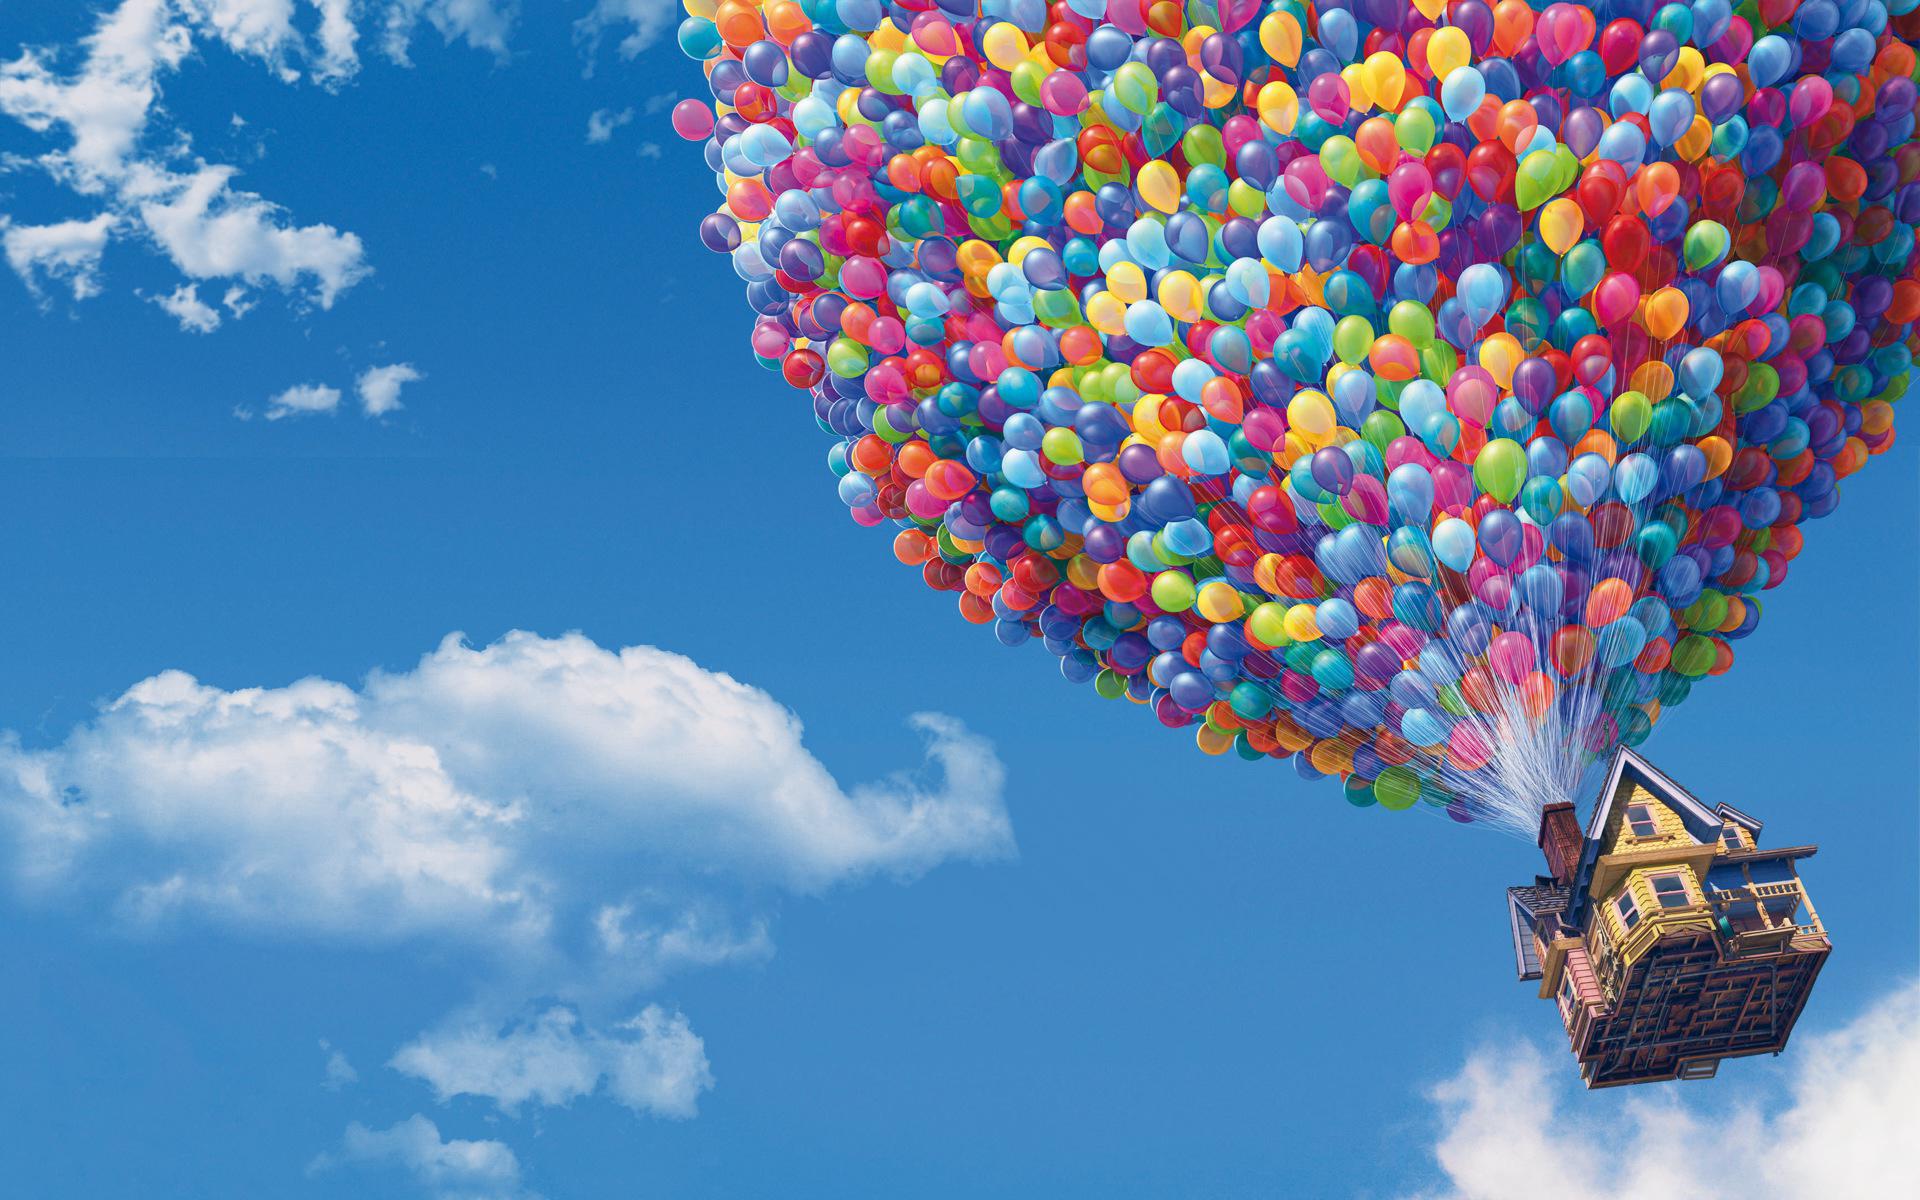 Download Pixar Up Wallpaper 1920x1200 Wallpoper 332616 1920x1200